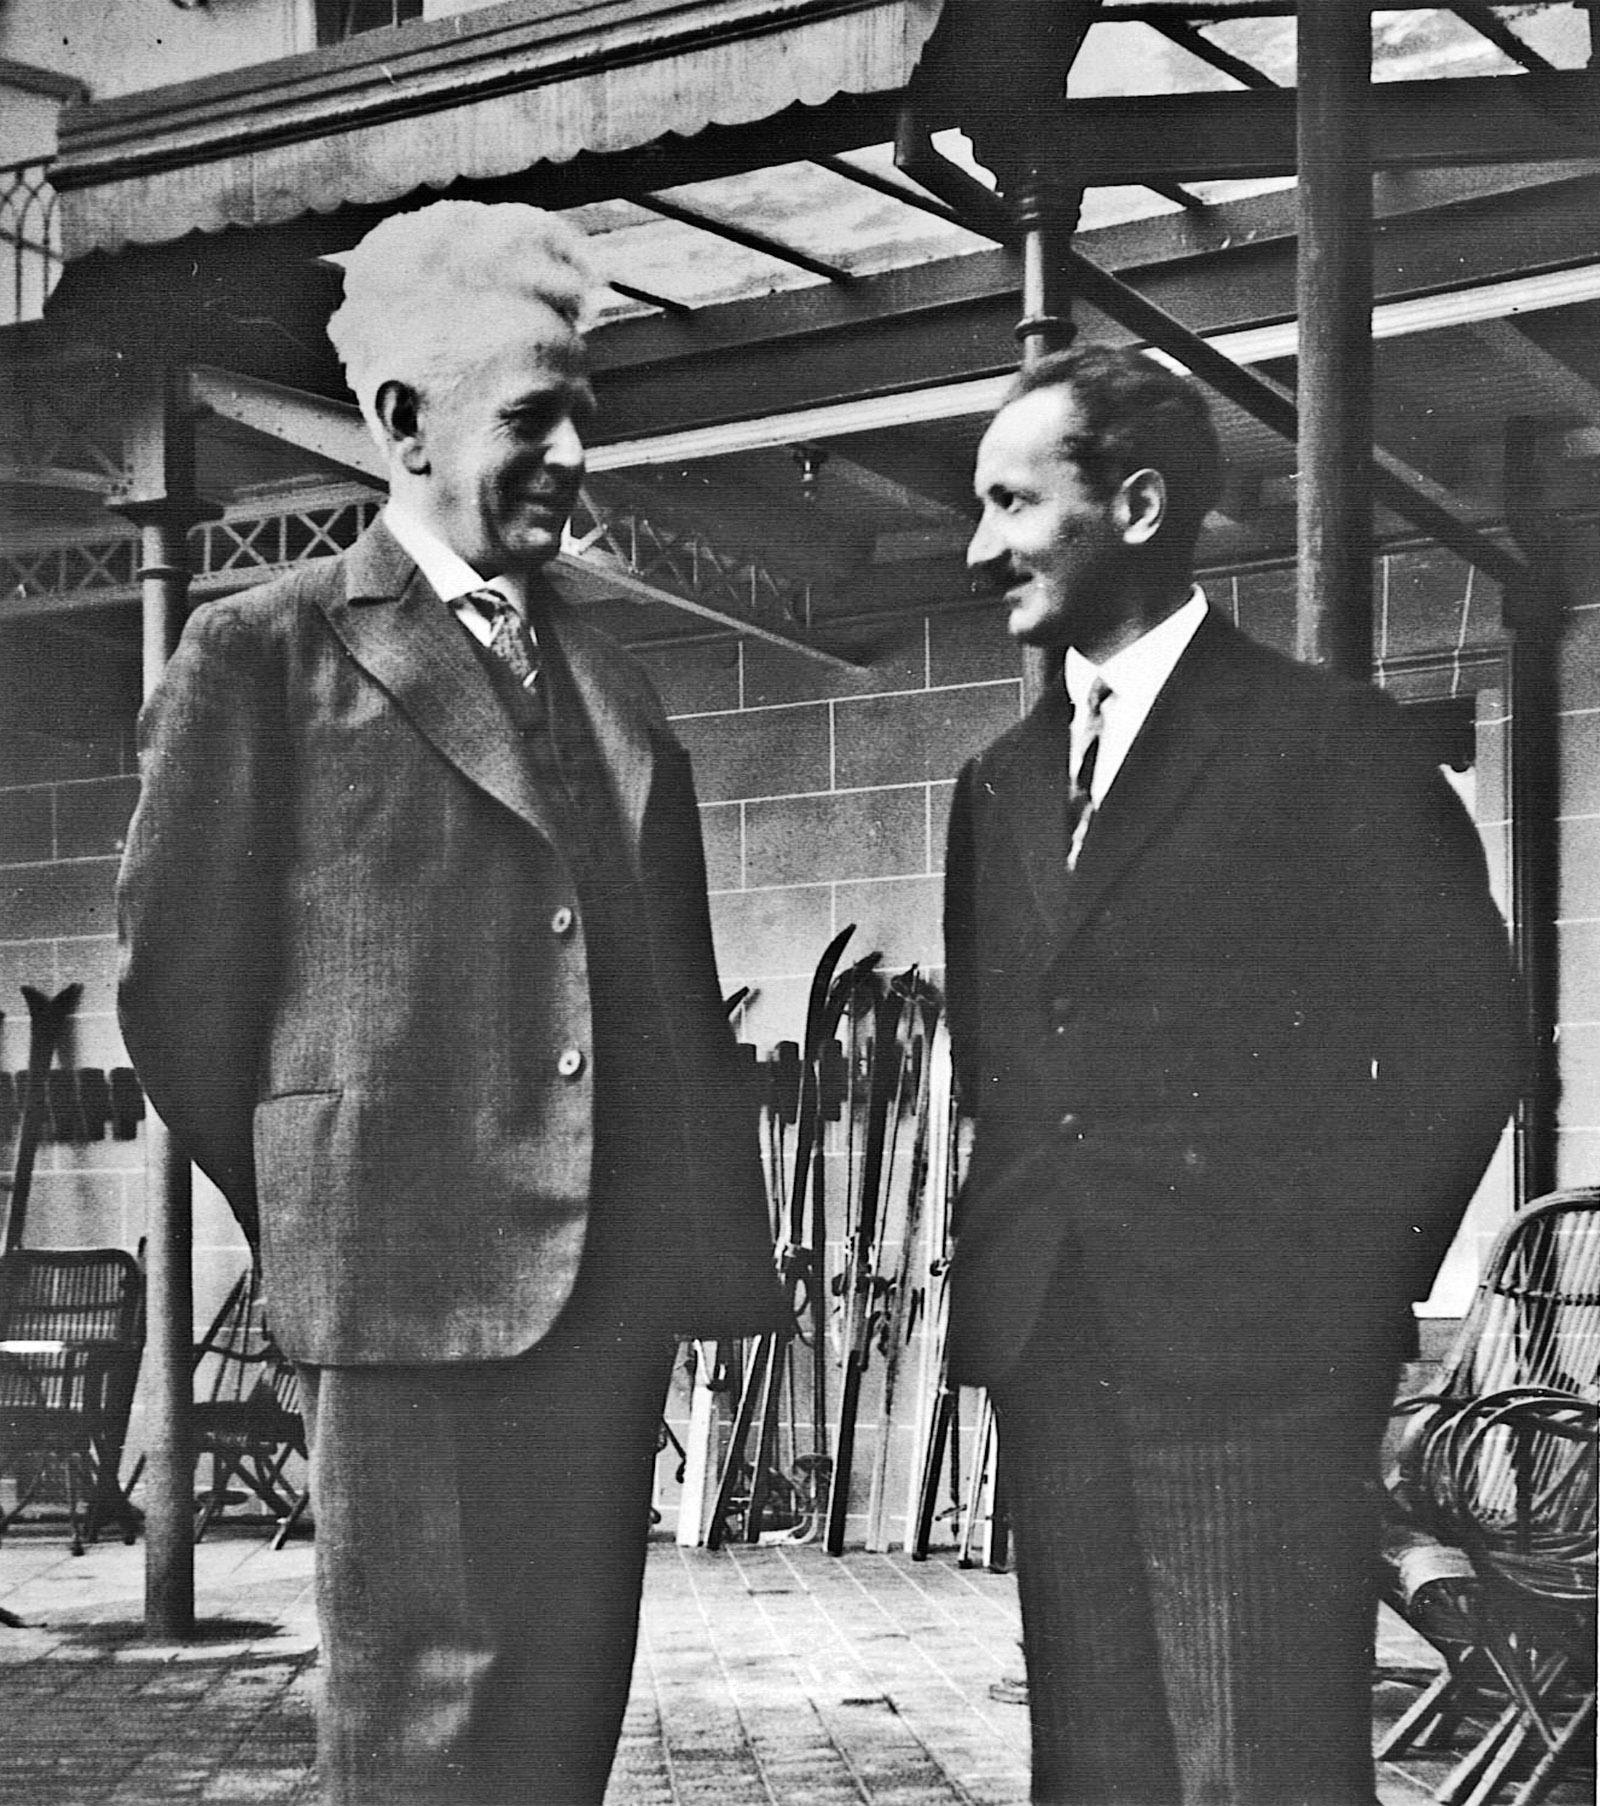 Ernst Cassirer and Martin Heidegger, Davos, Switzerland